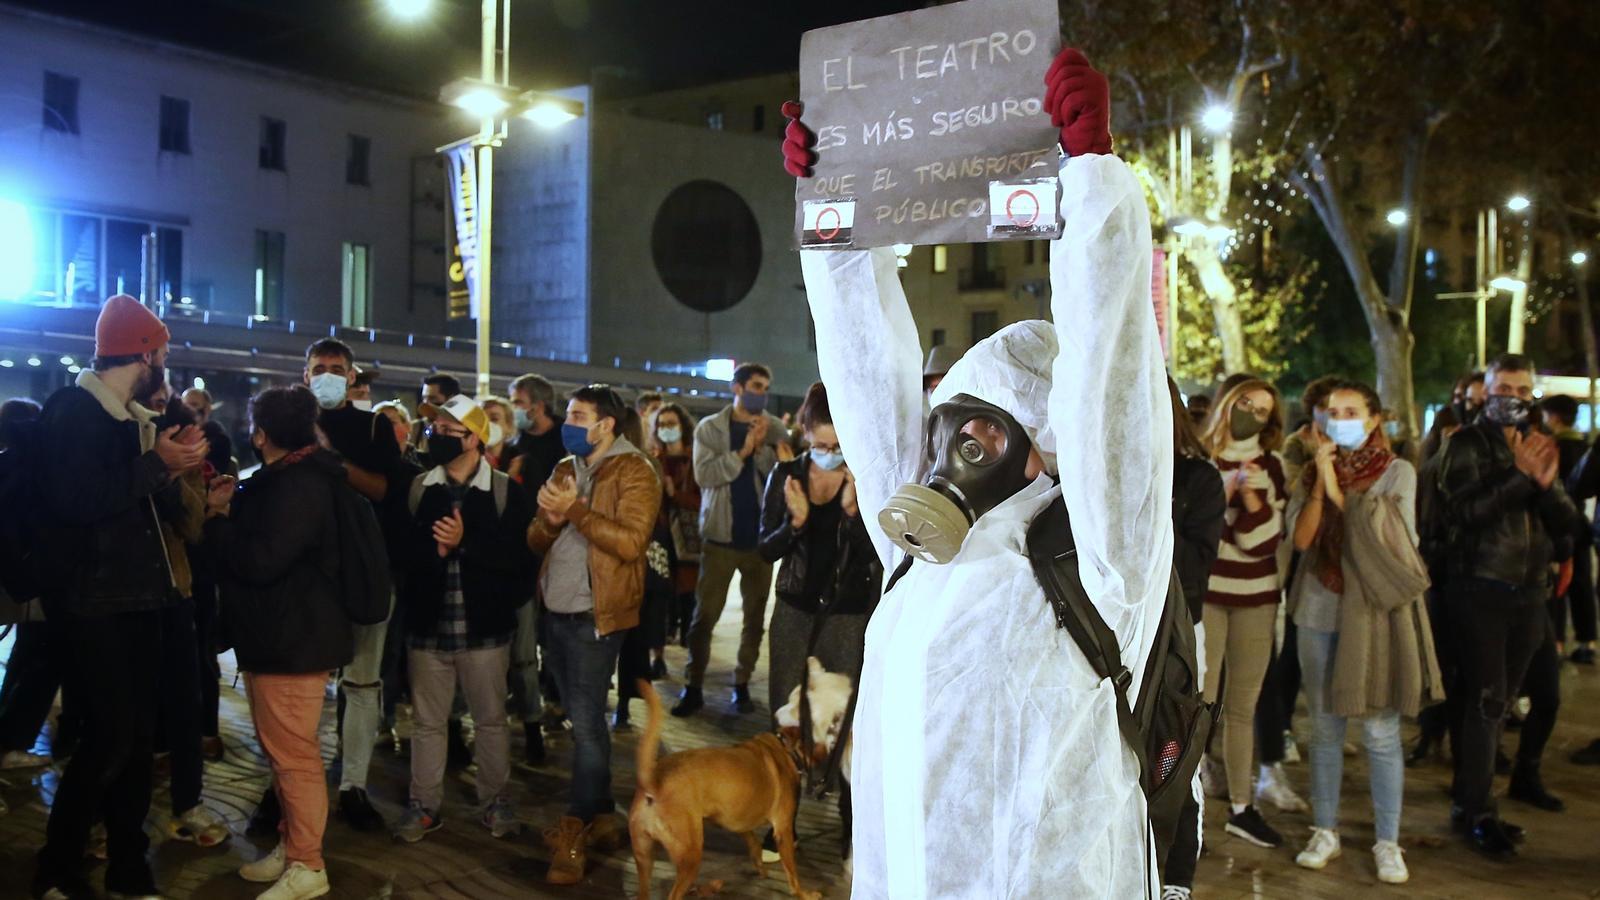 Els treballadors culturals van convocar per xarxes una manifestació  a la seu de la conselleria de Cultura